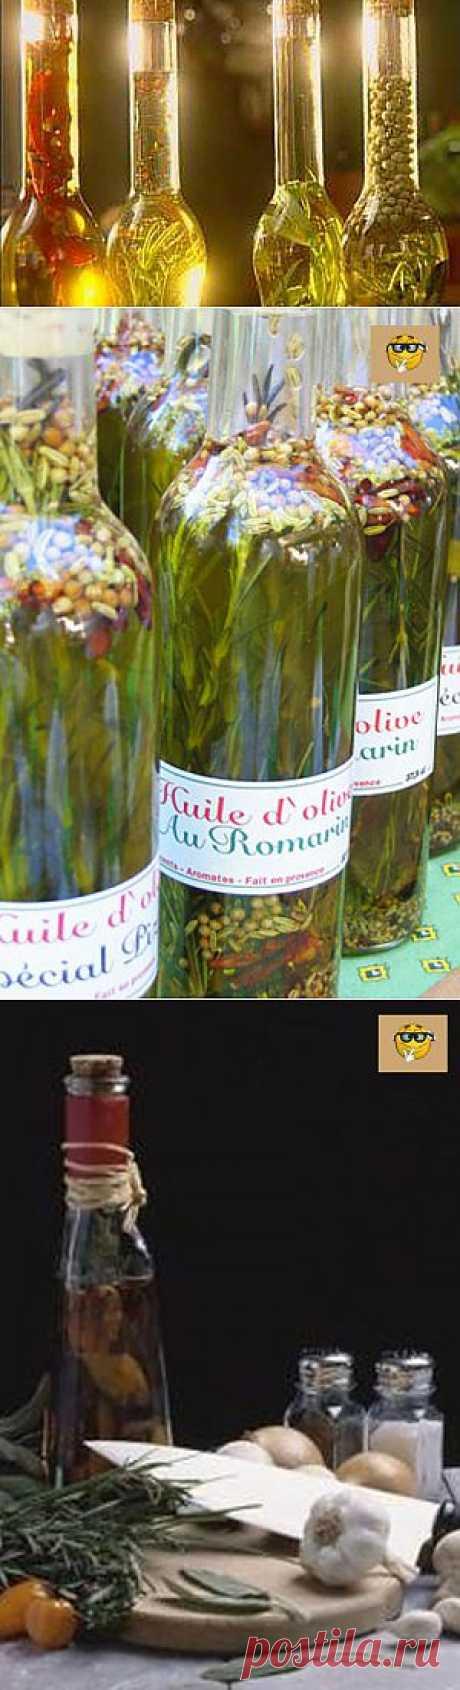 Как настоять оливковое масло с чесноком. Кухонные мелочи